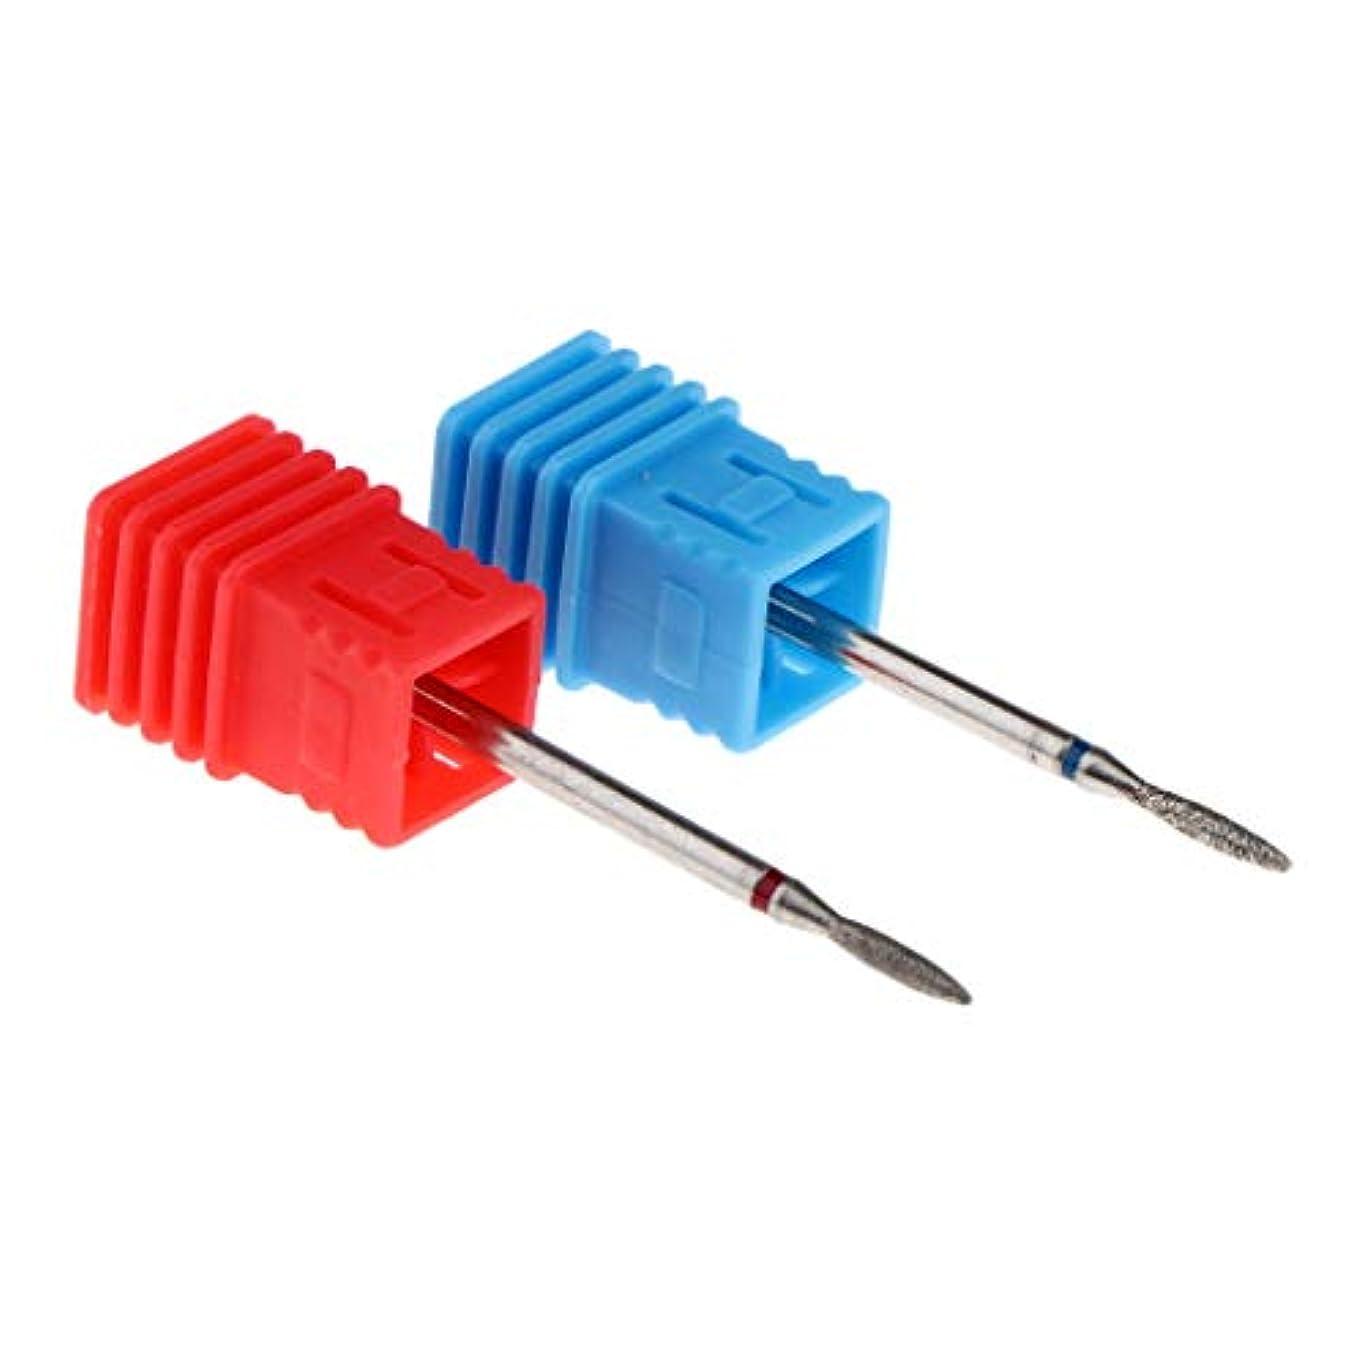 ピッチ反毒見分けるネイルアート ドリルビット 電気ネイルドリルビット ネイルマシーン用ビット 9色選ぶ - 02